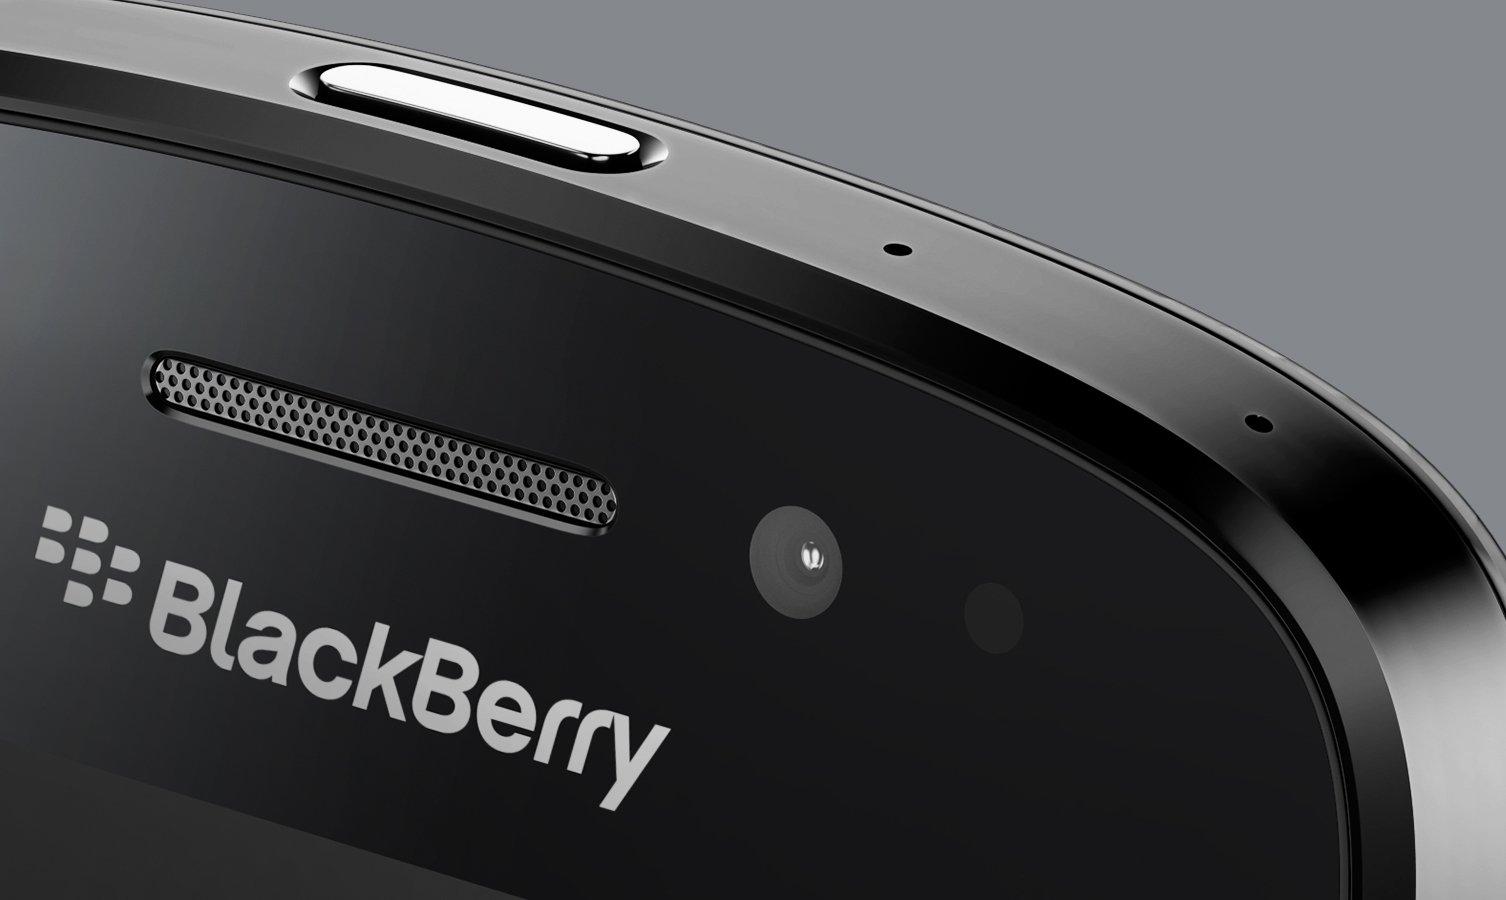 BlackBerry обвинил социальная сеть Facebook и Инстаграм в несоблюдении патентных прав